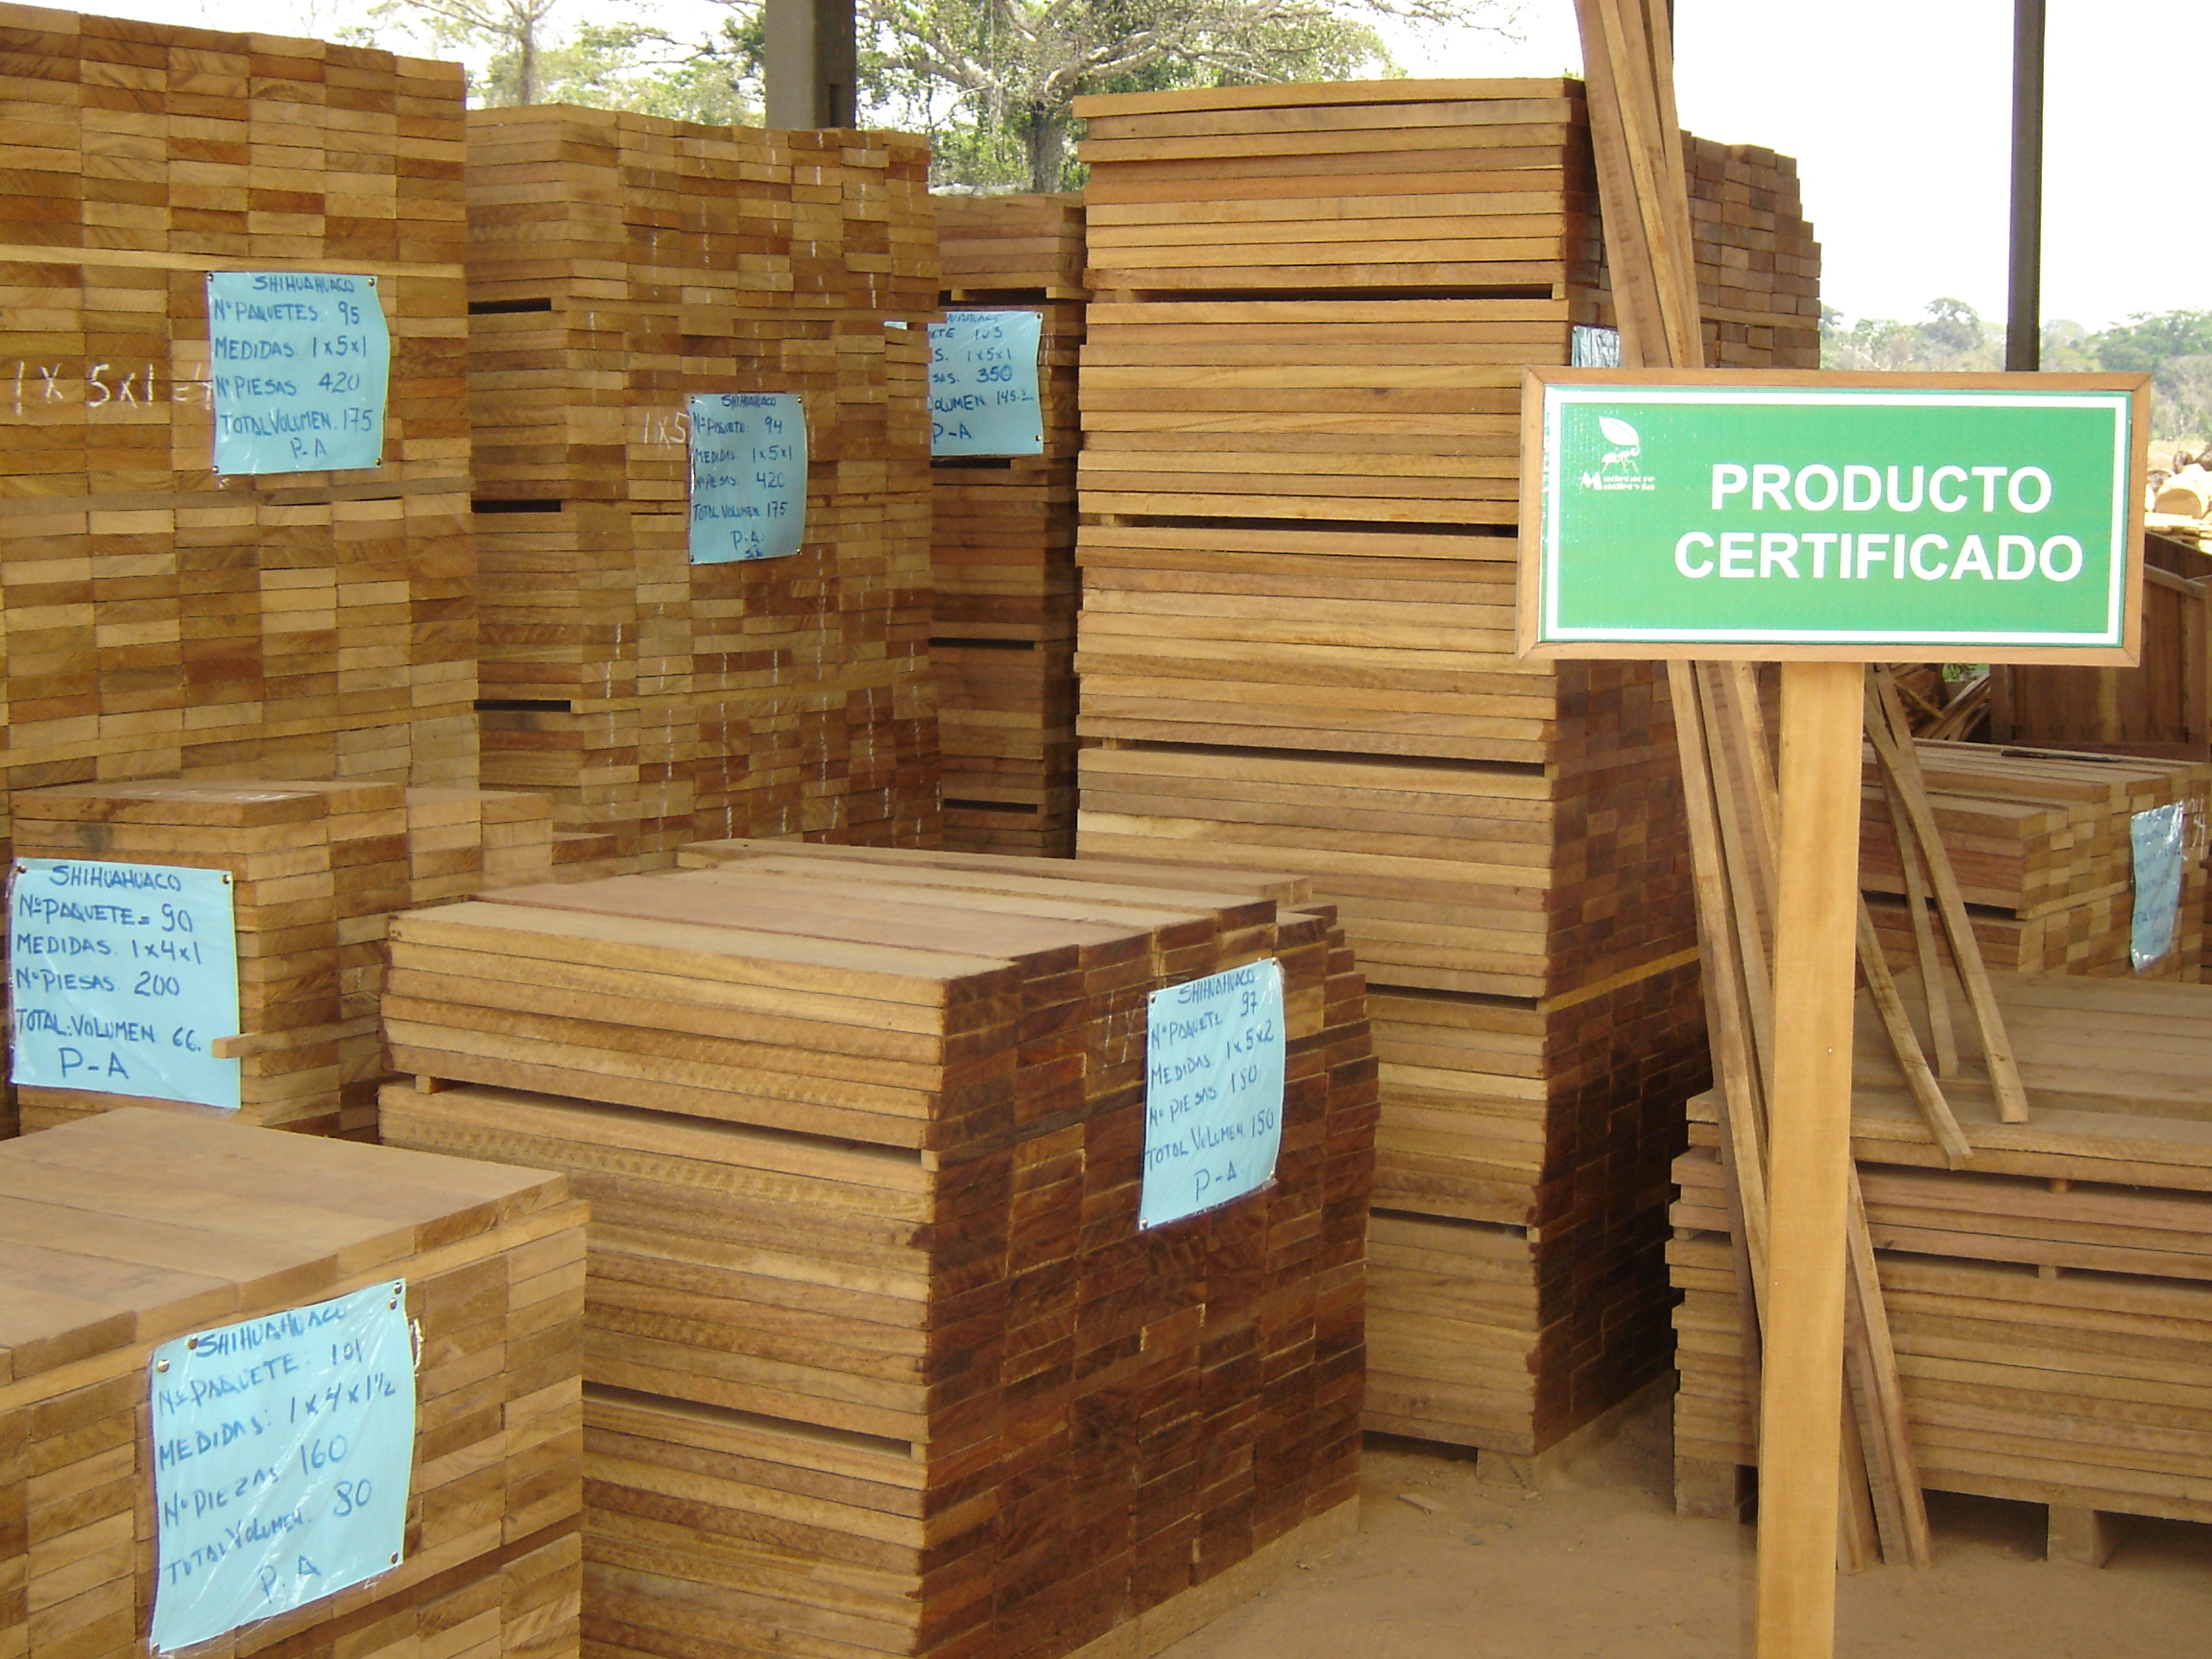 Exportaciones forestales peruanas en ascenso | WWF